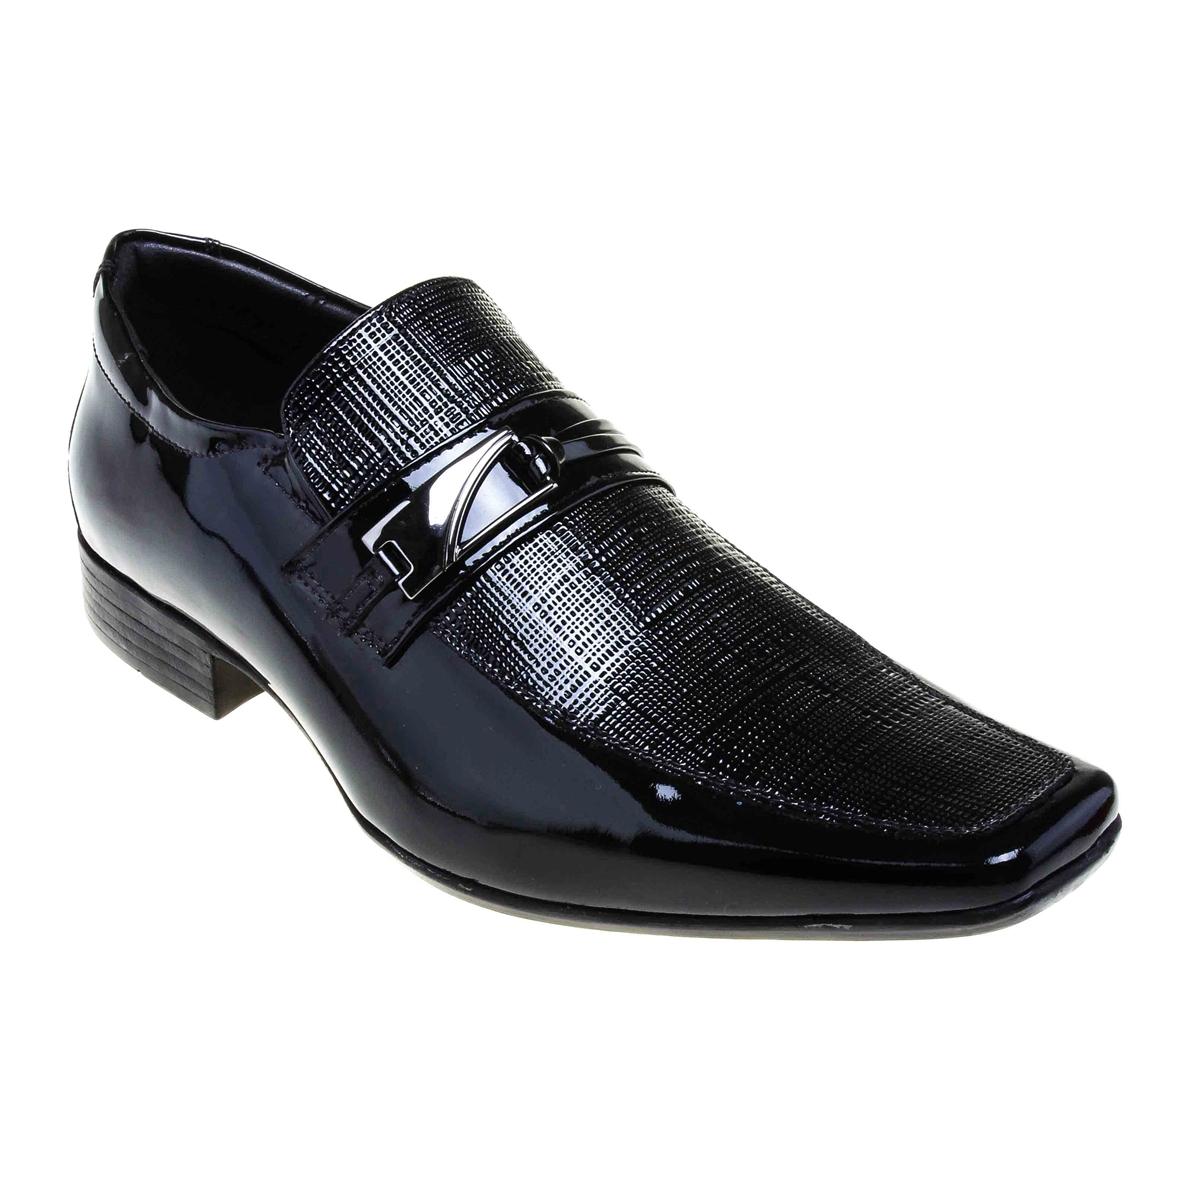 5293e033b O Sapato masculino social - marcas e modelos - Moda e ConfortoModa e ...